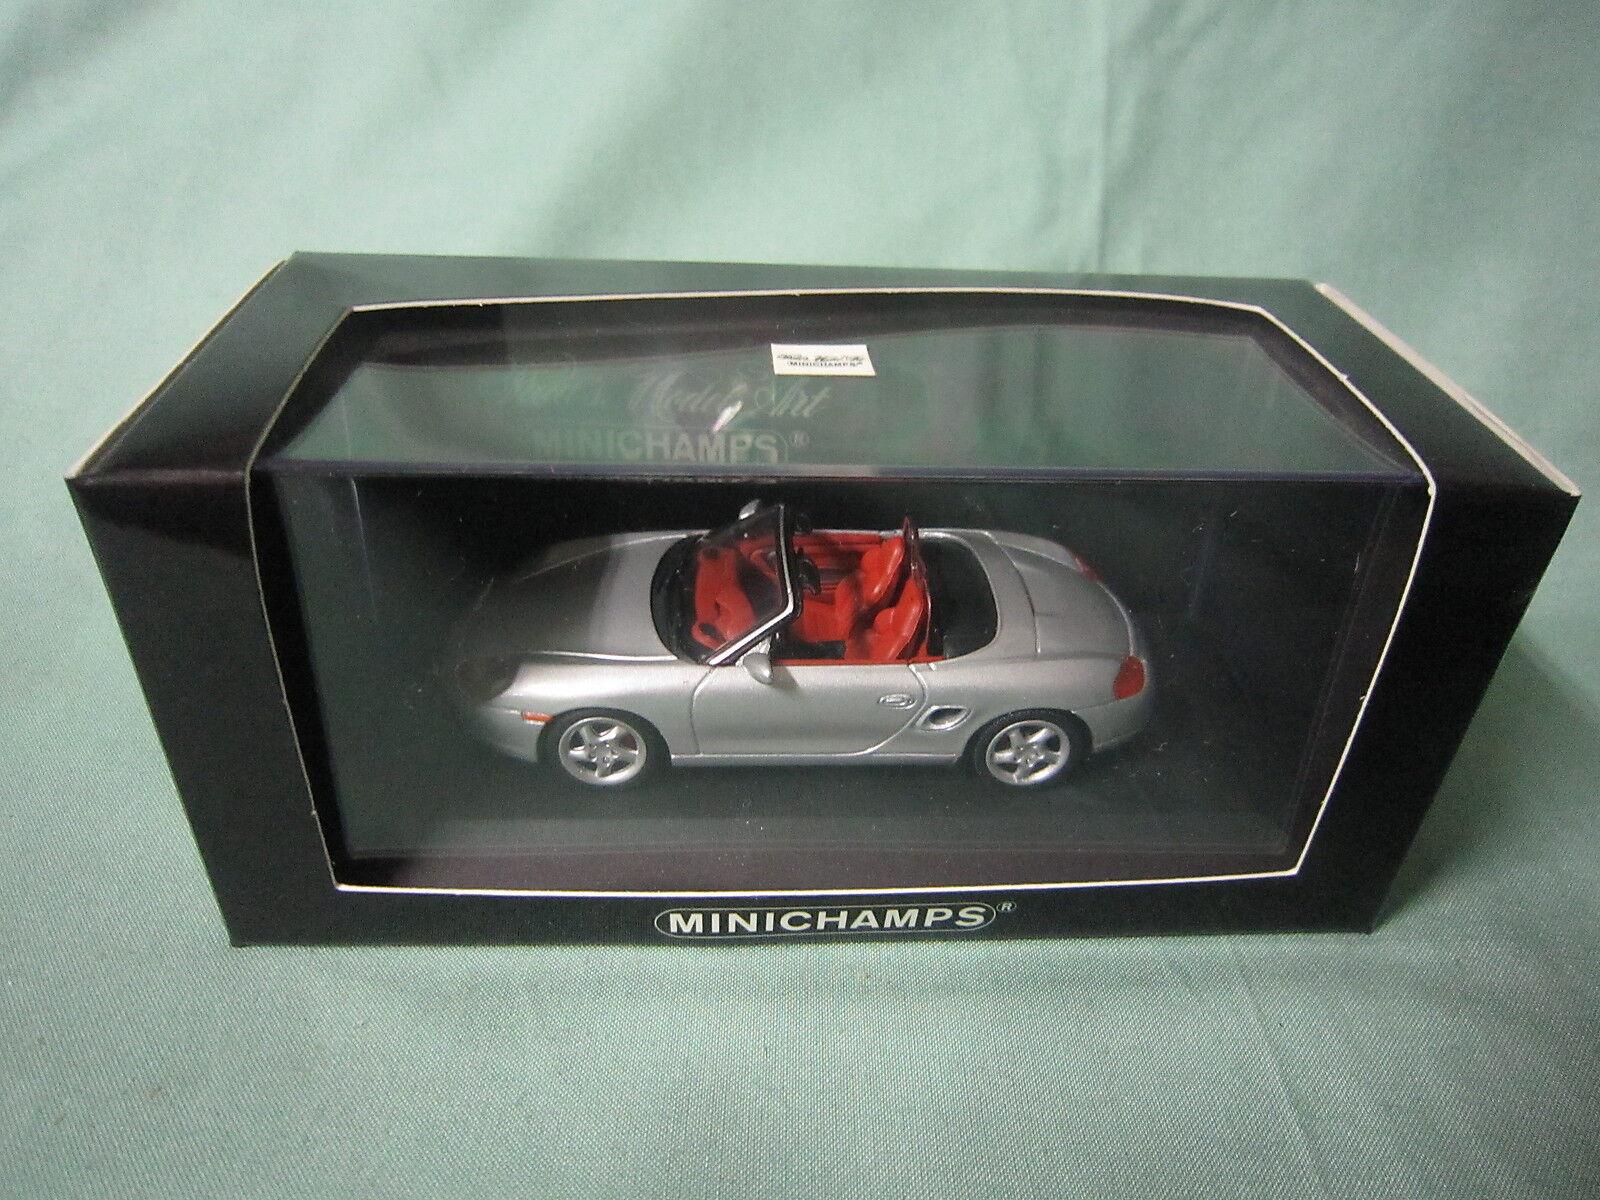 DV4944 MINICHAMPS PORSCHE BOXSTER S 1999 Ref 430068030 1 43 NB